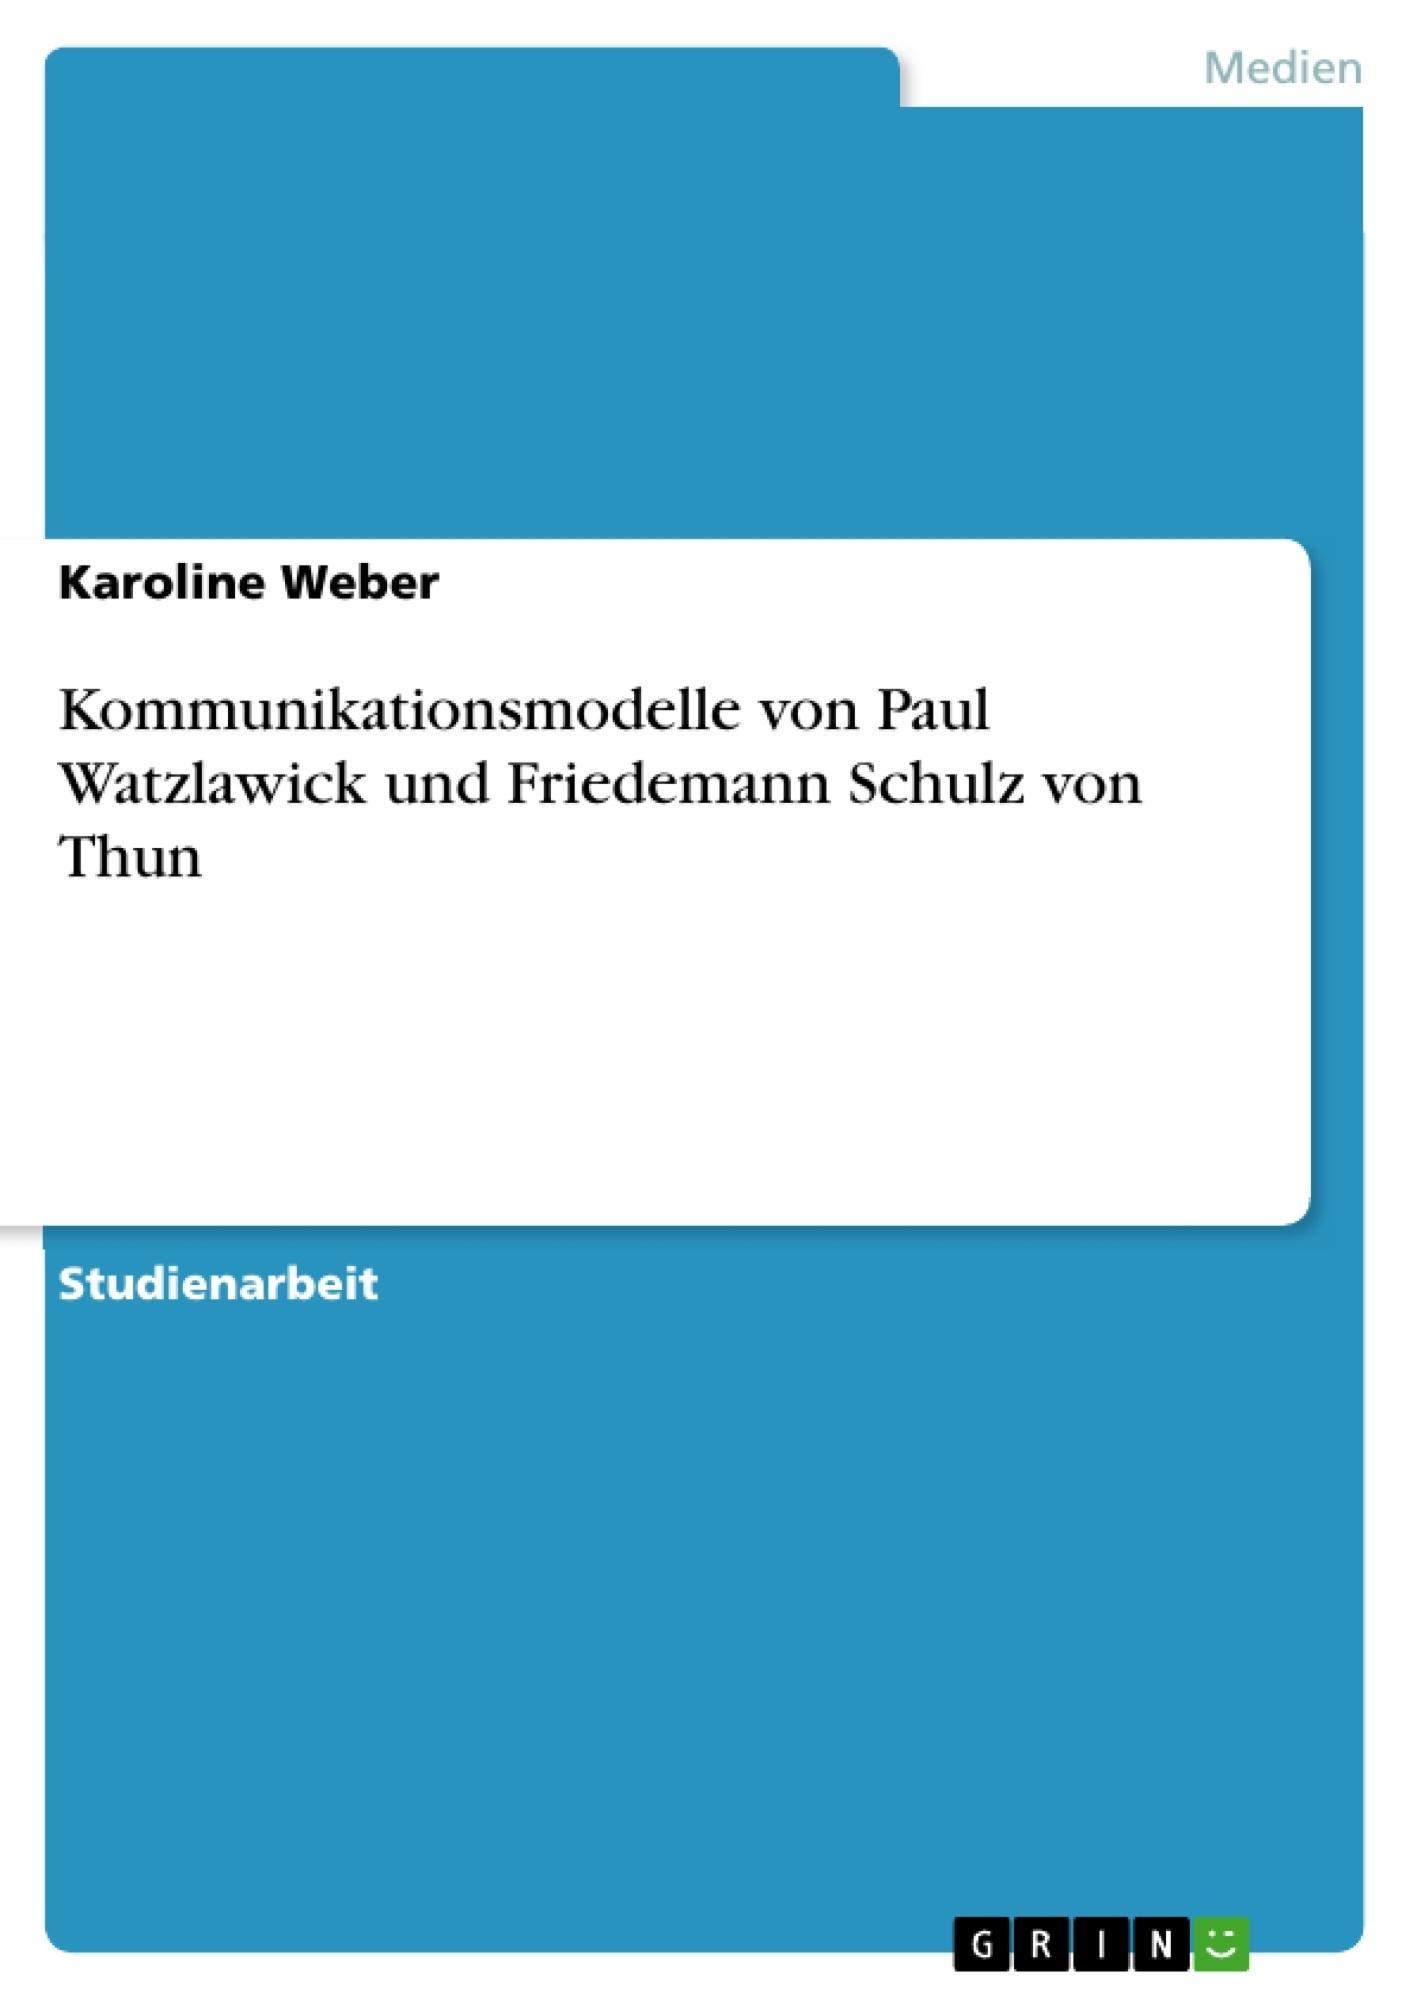 Titel: Kommunikationsmodelle von Paul Watzlawick und Friedemann Schulz von Thun